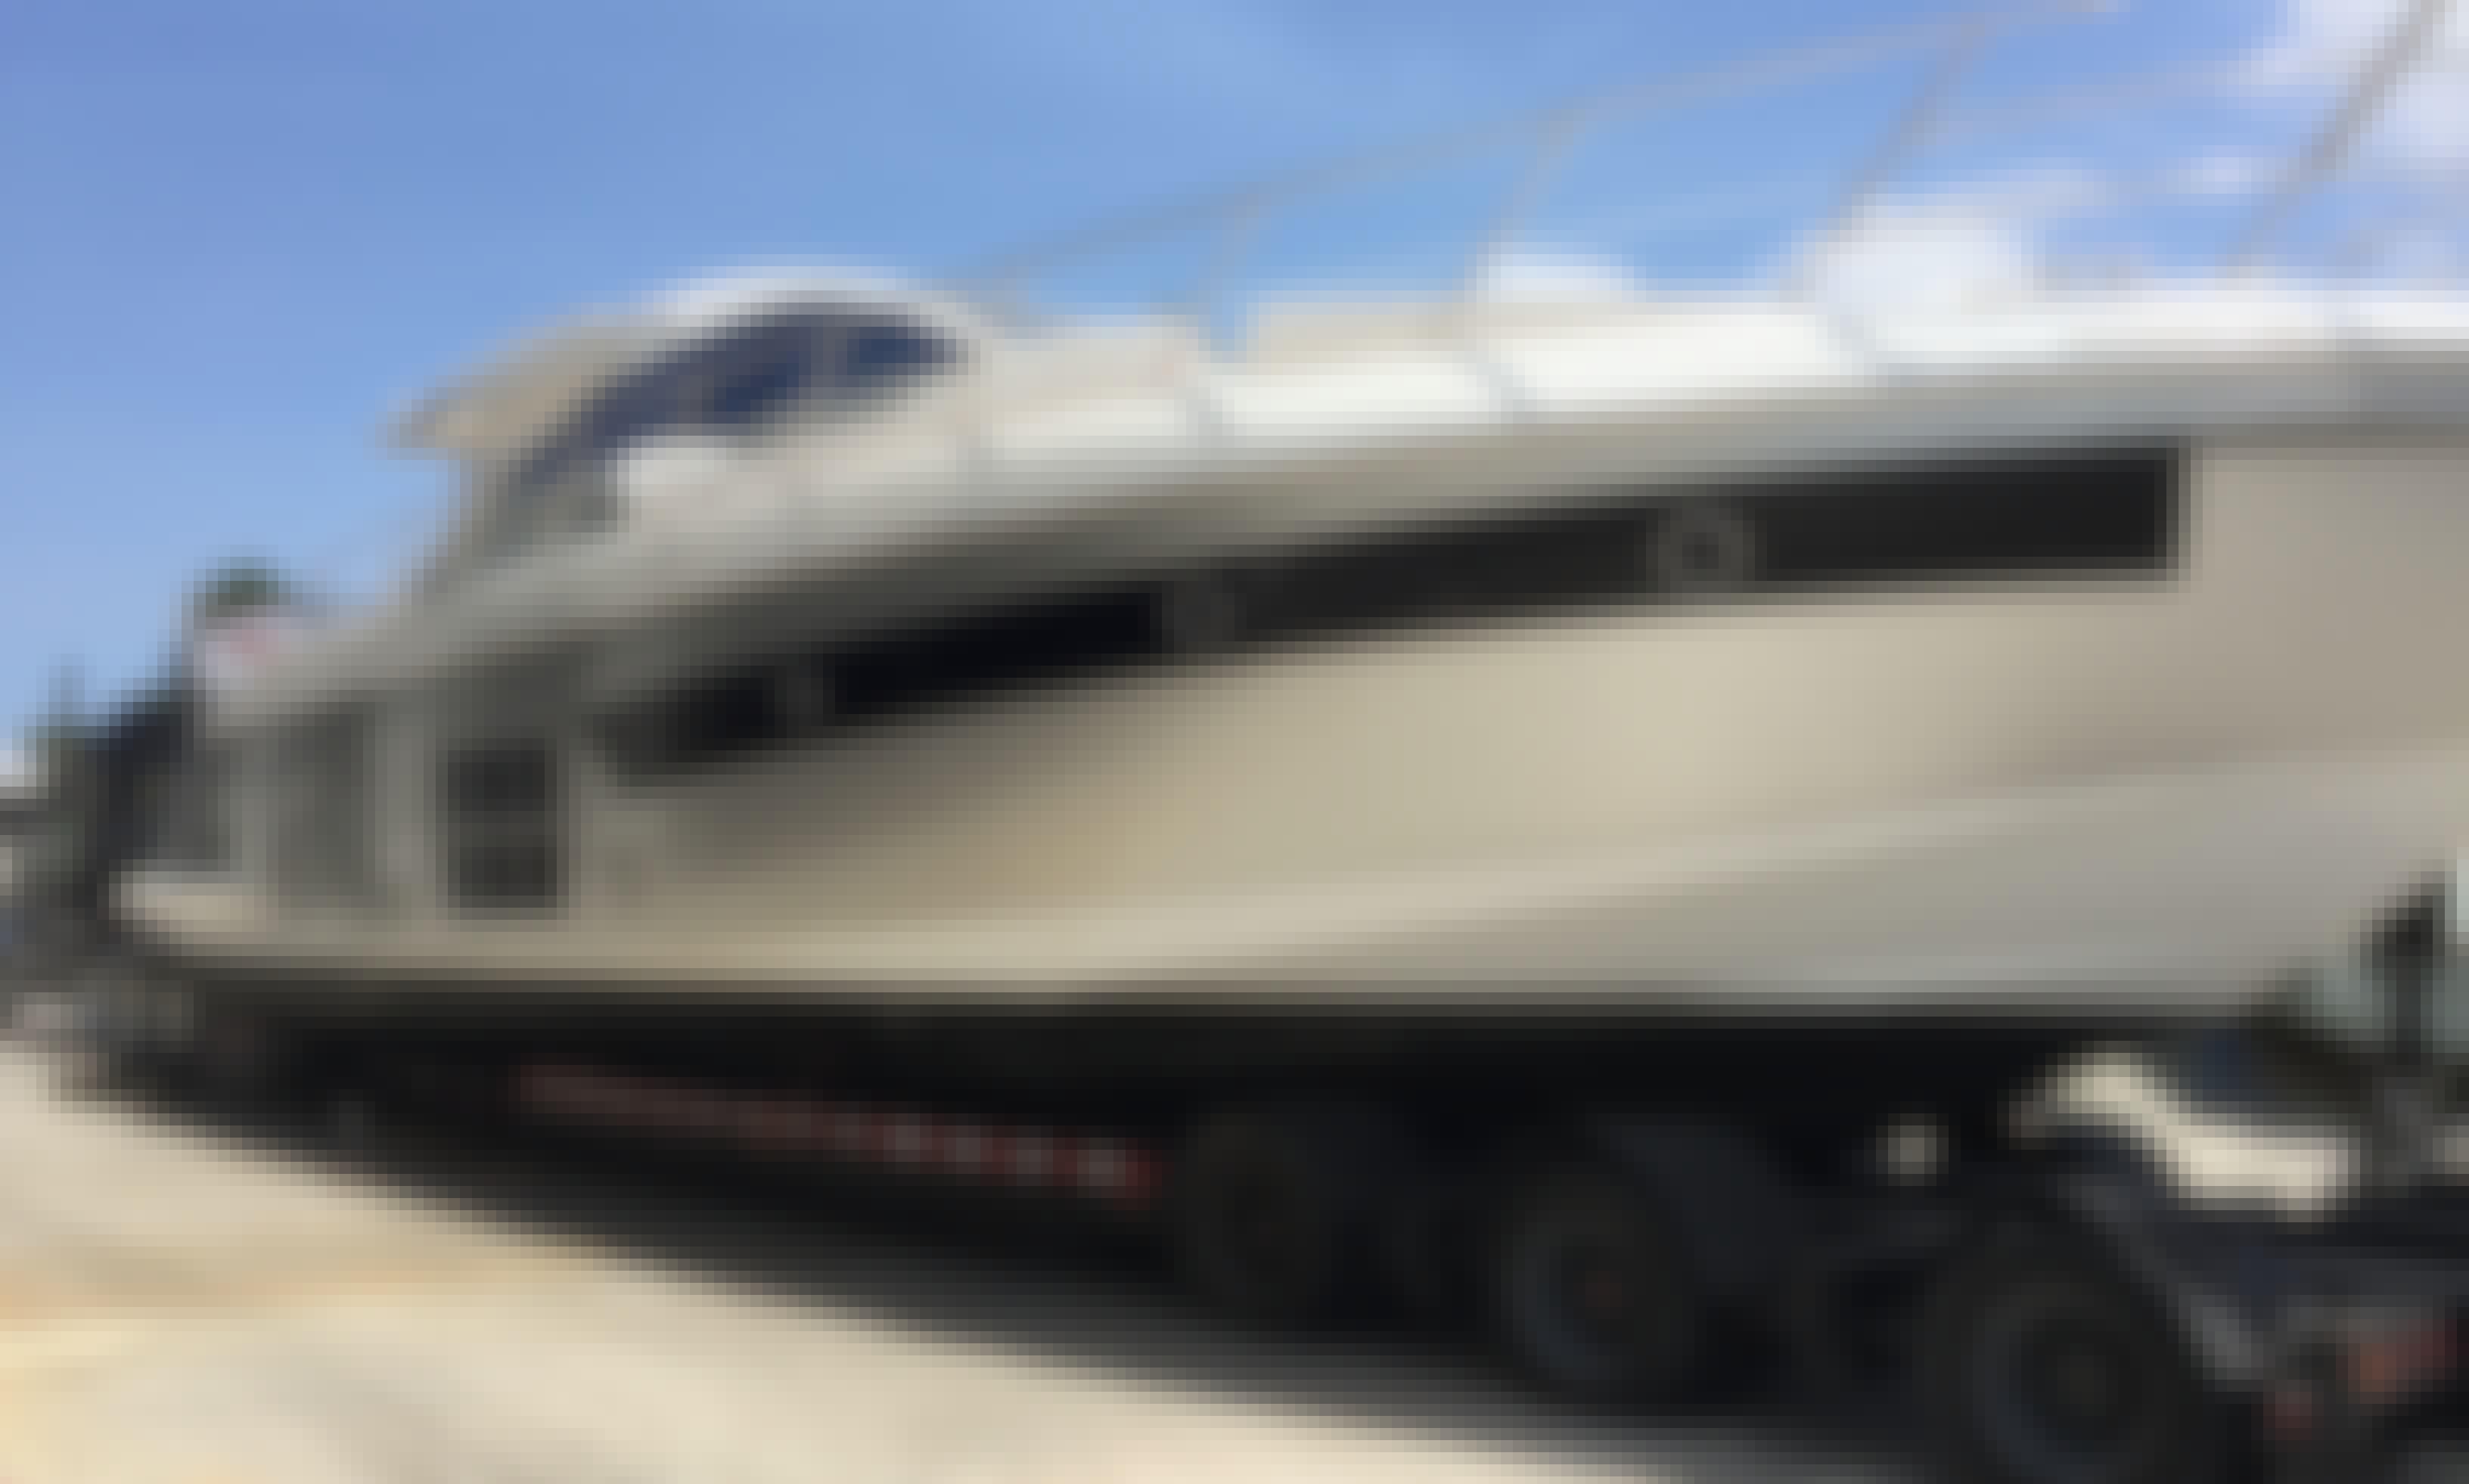 Cruising with Azimut 55s Motor Yacht on Lake of Ozarks